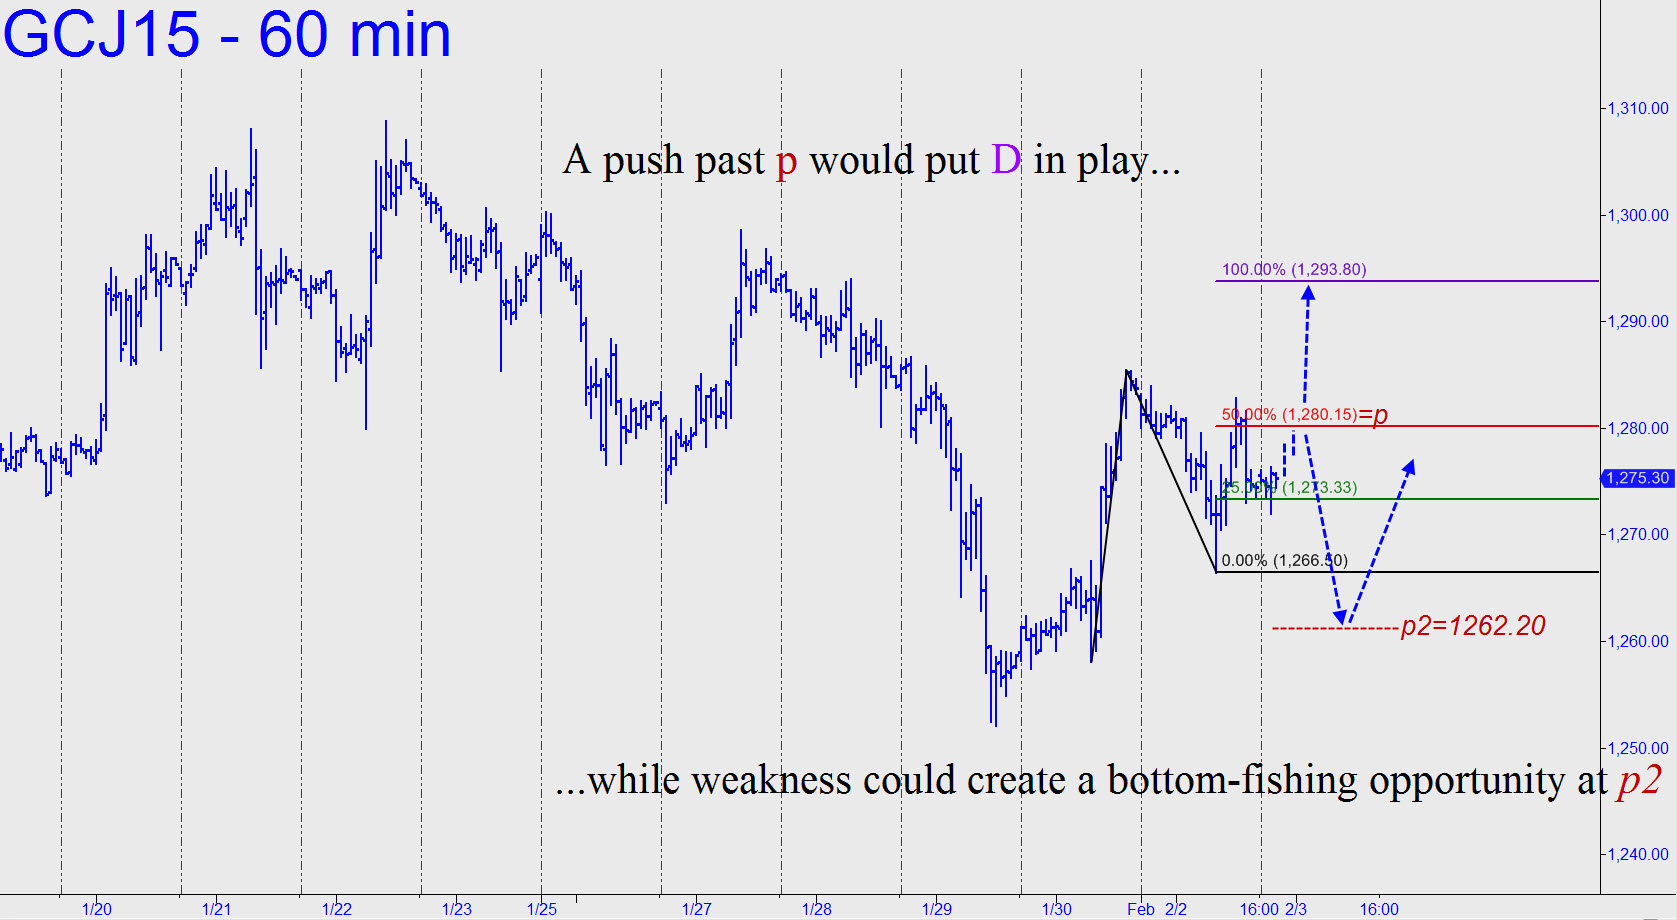 prix de l'or, de l'argent et des minières / suivi 2015 et ultérieurement Push-by-Gold-past-p